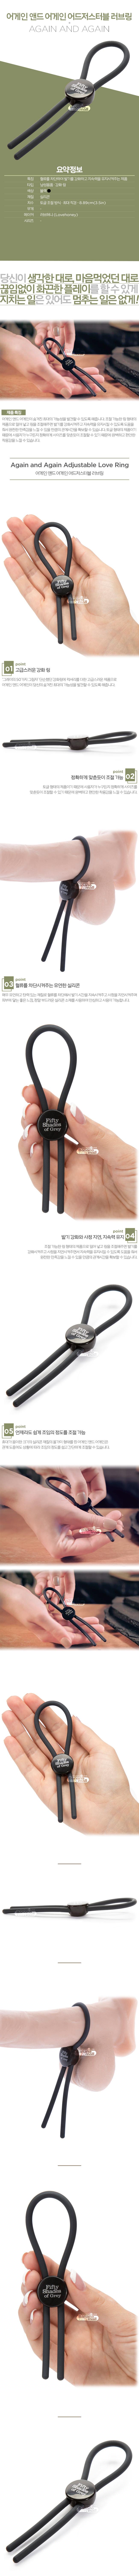 [영국 직수입] 어게인 앤드 어게인 어드저스터블 러브링(Again and Again Adjustable Love Ring) - 그레이의 50가지 그림자/러브허니(FS-59954) (LVH)